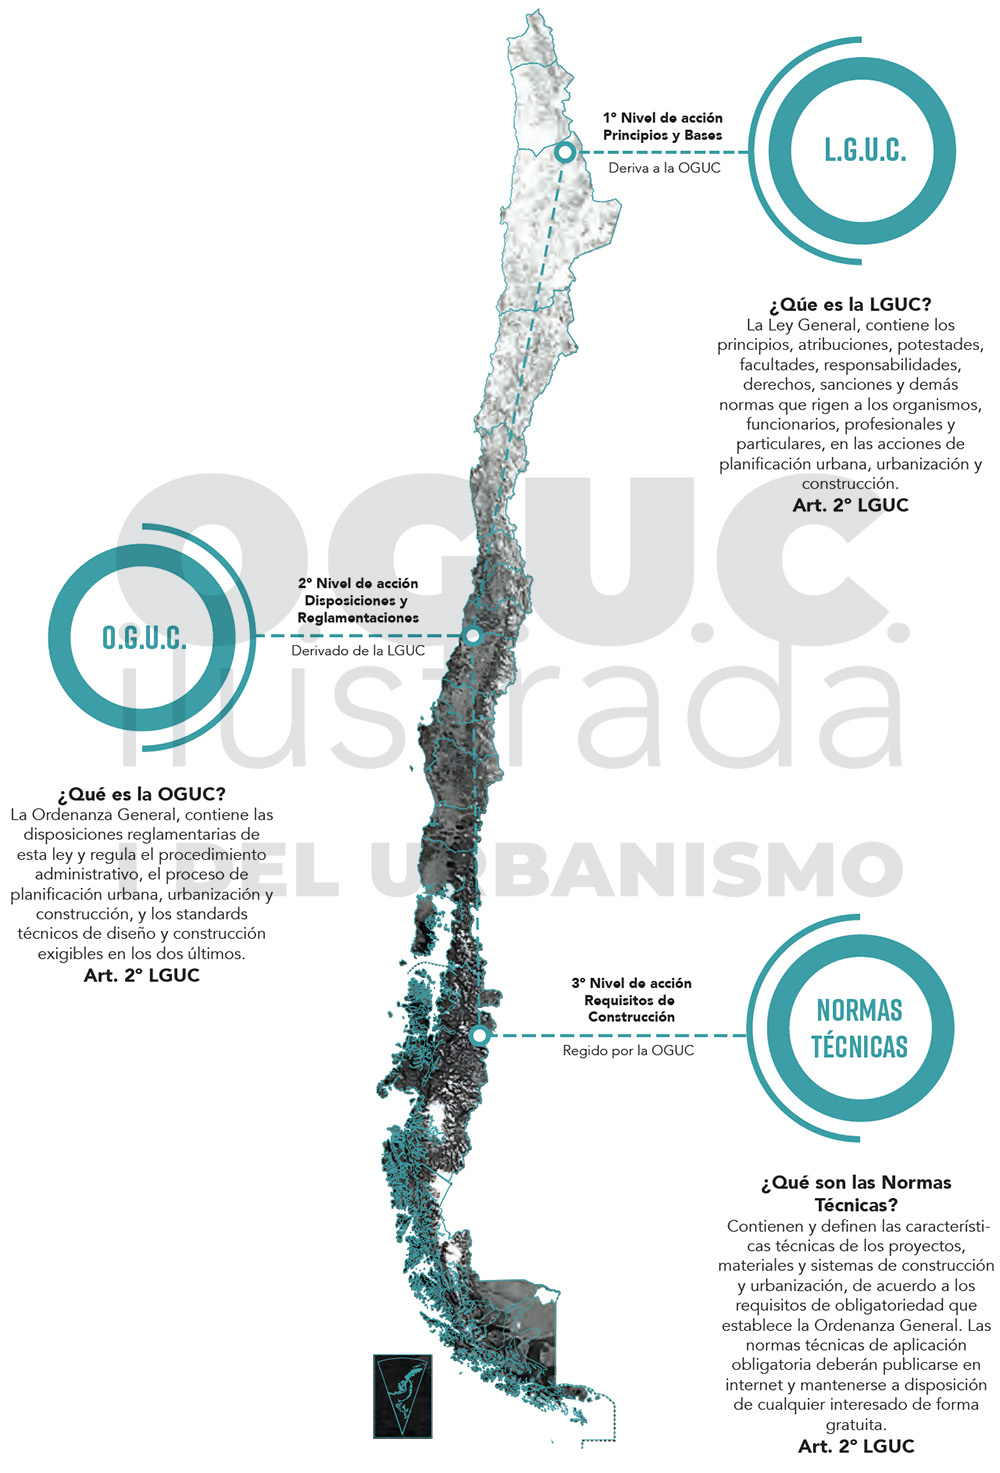 Marco legal LGUC OGUC